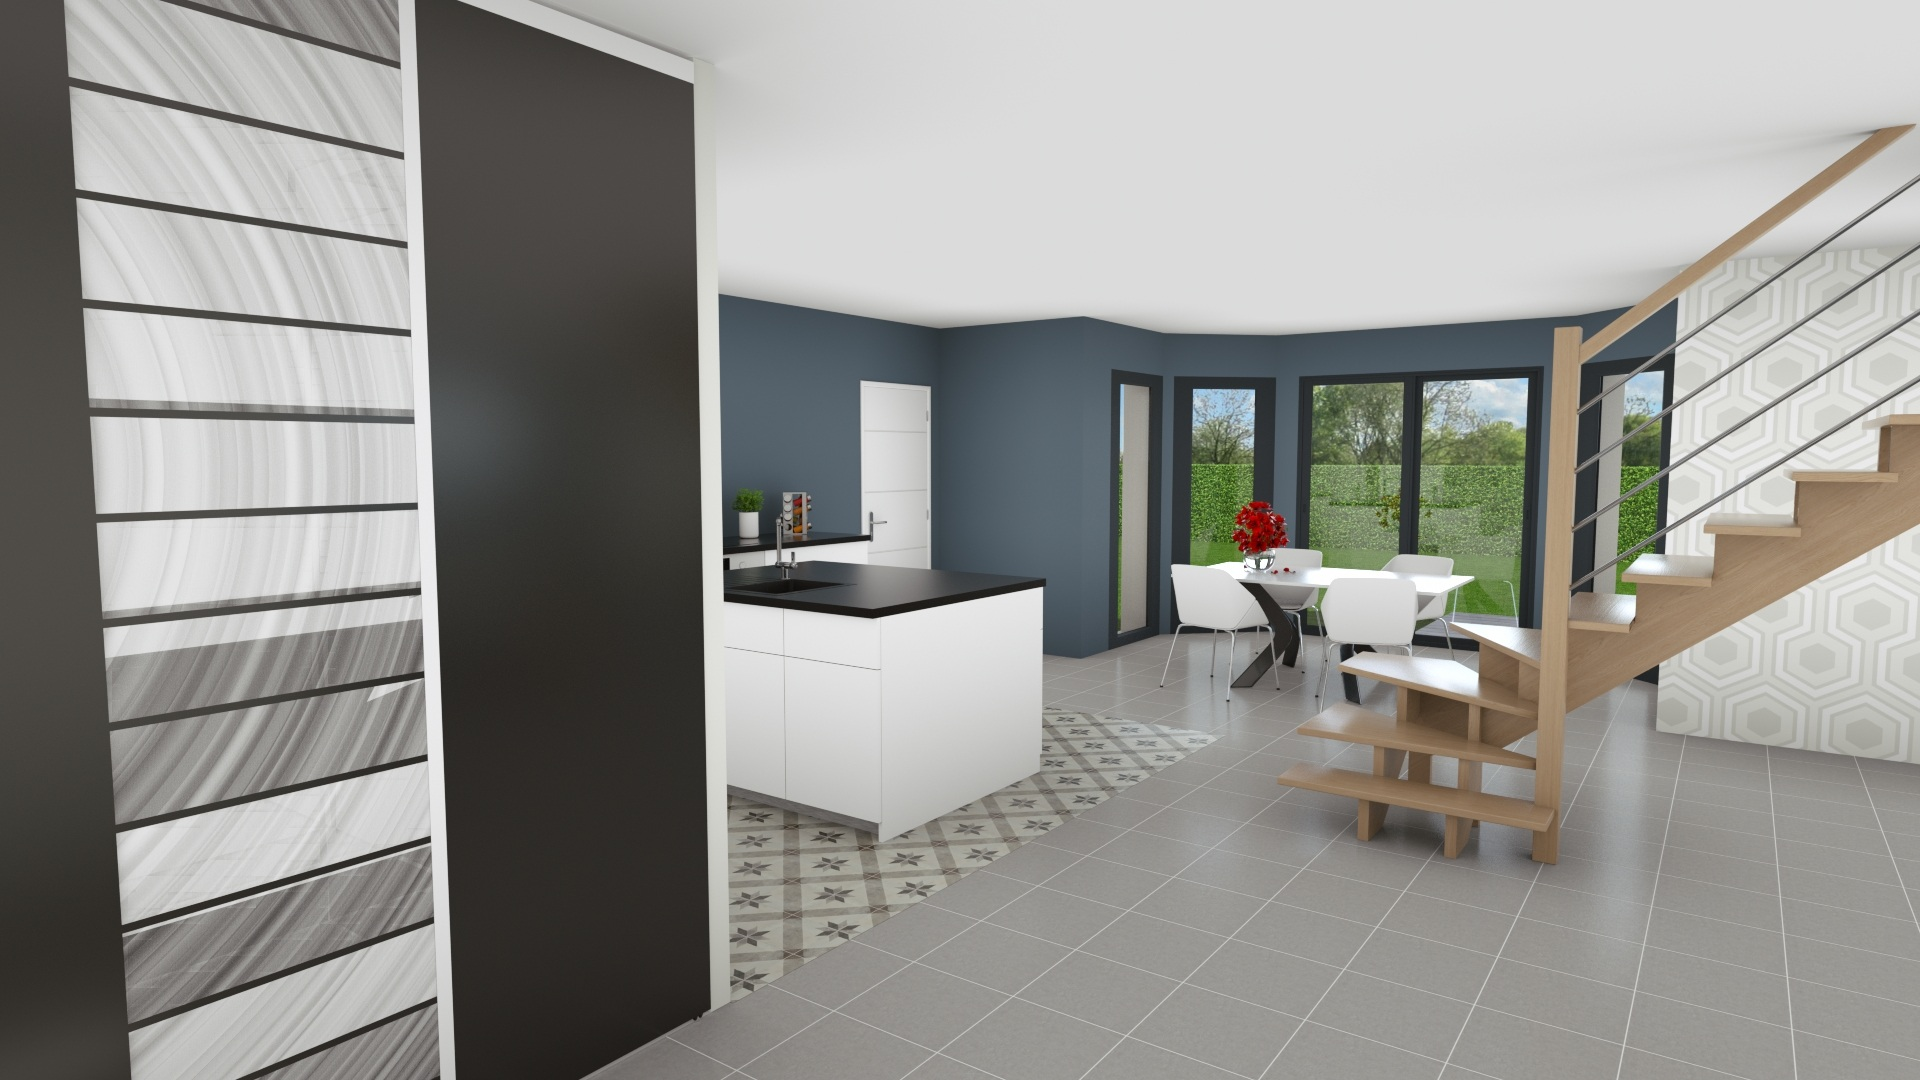 Maisons + Terrains du constructeur GEOXIA NORD OUEST • 130 m² • SAINT GEORGES SUR FONTAINE